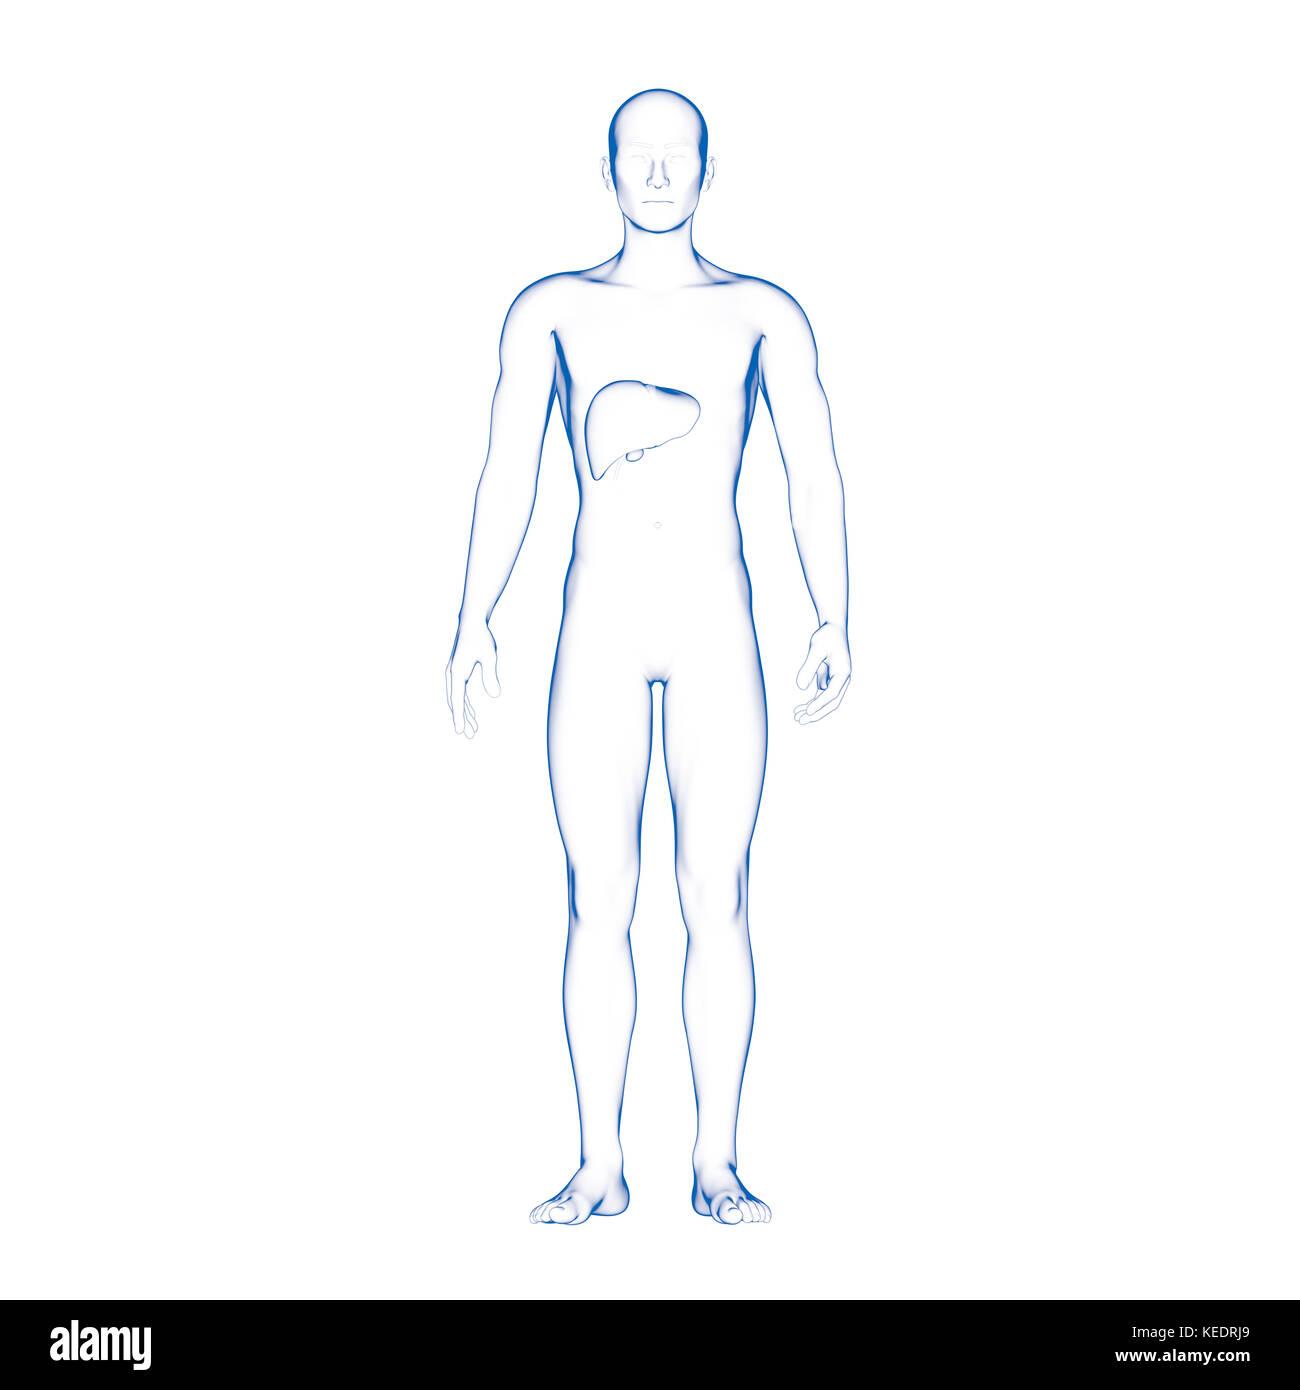 Tolle Anatomie Der Leber Lage Fotos - Menschliche Anatomie Bilder ...